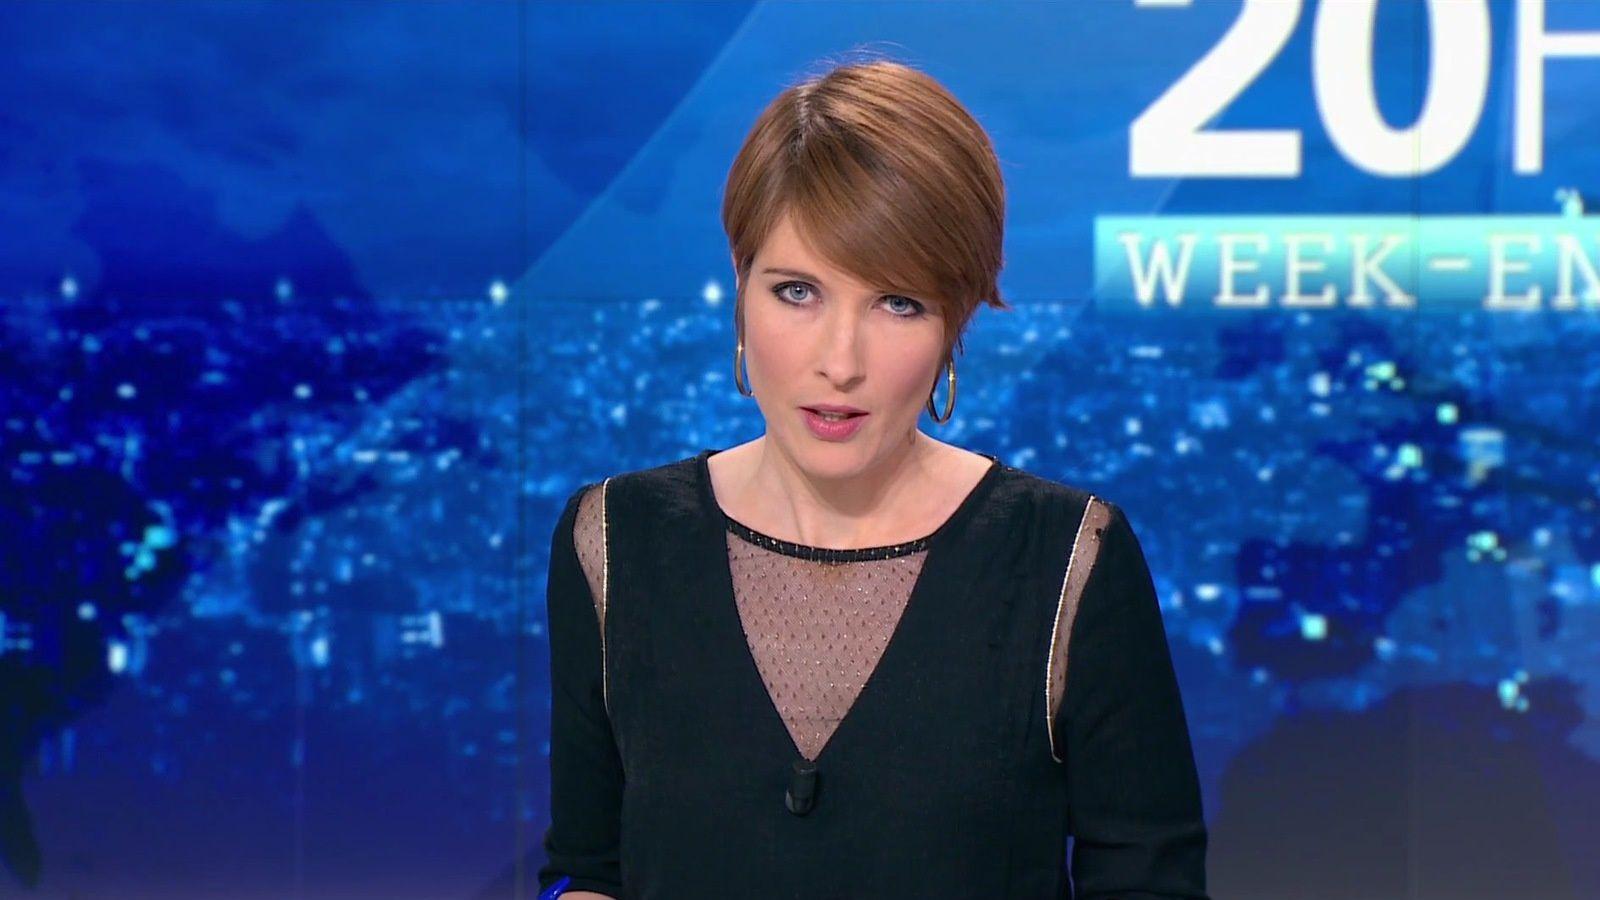 �11 LUCIE NUTTIN @LucieNuttin @JohannaCarlosD8 ce soir @bfmtv #vuesalatele